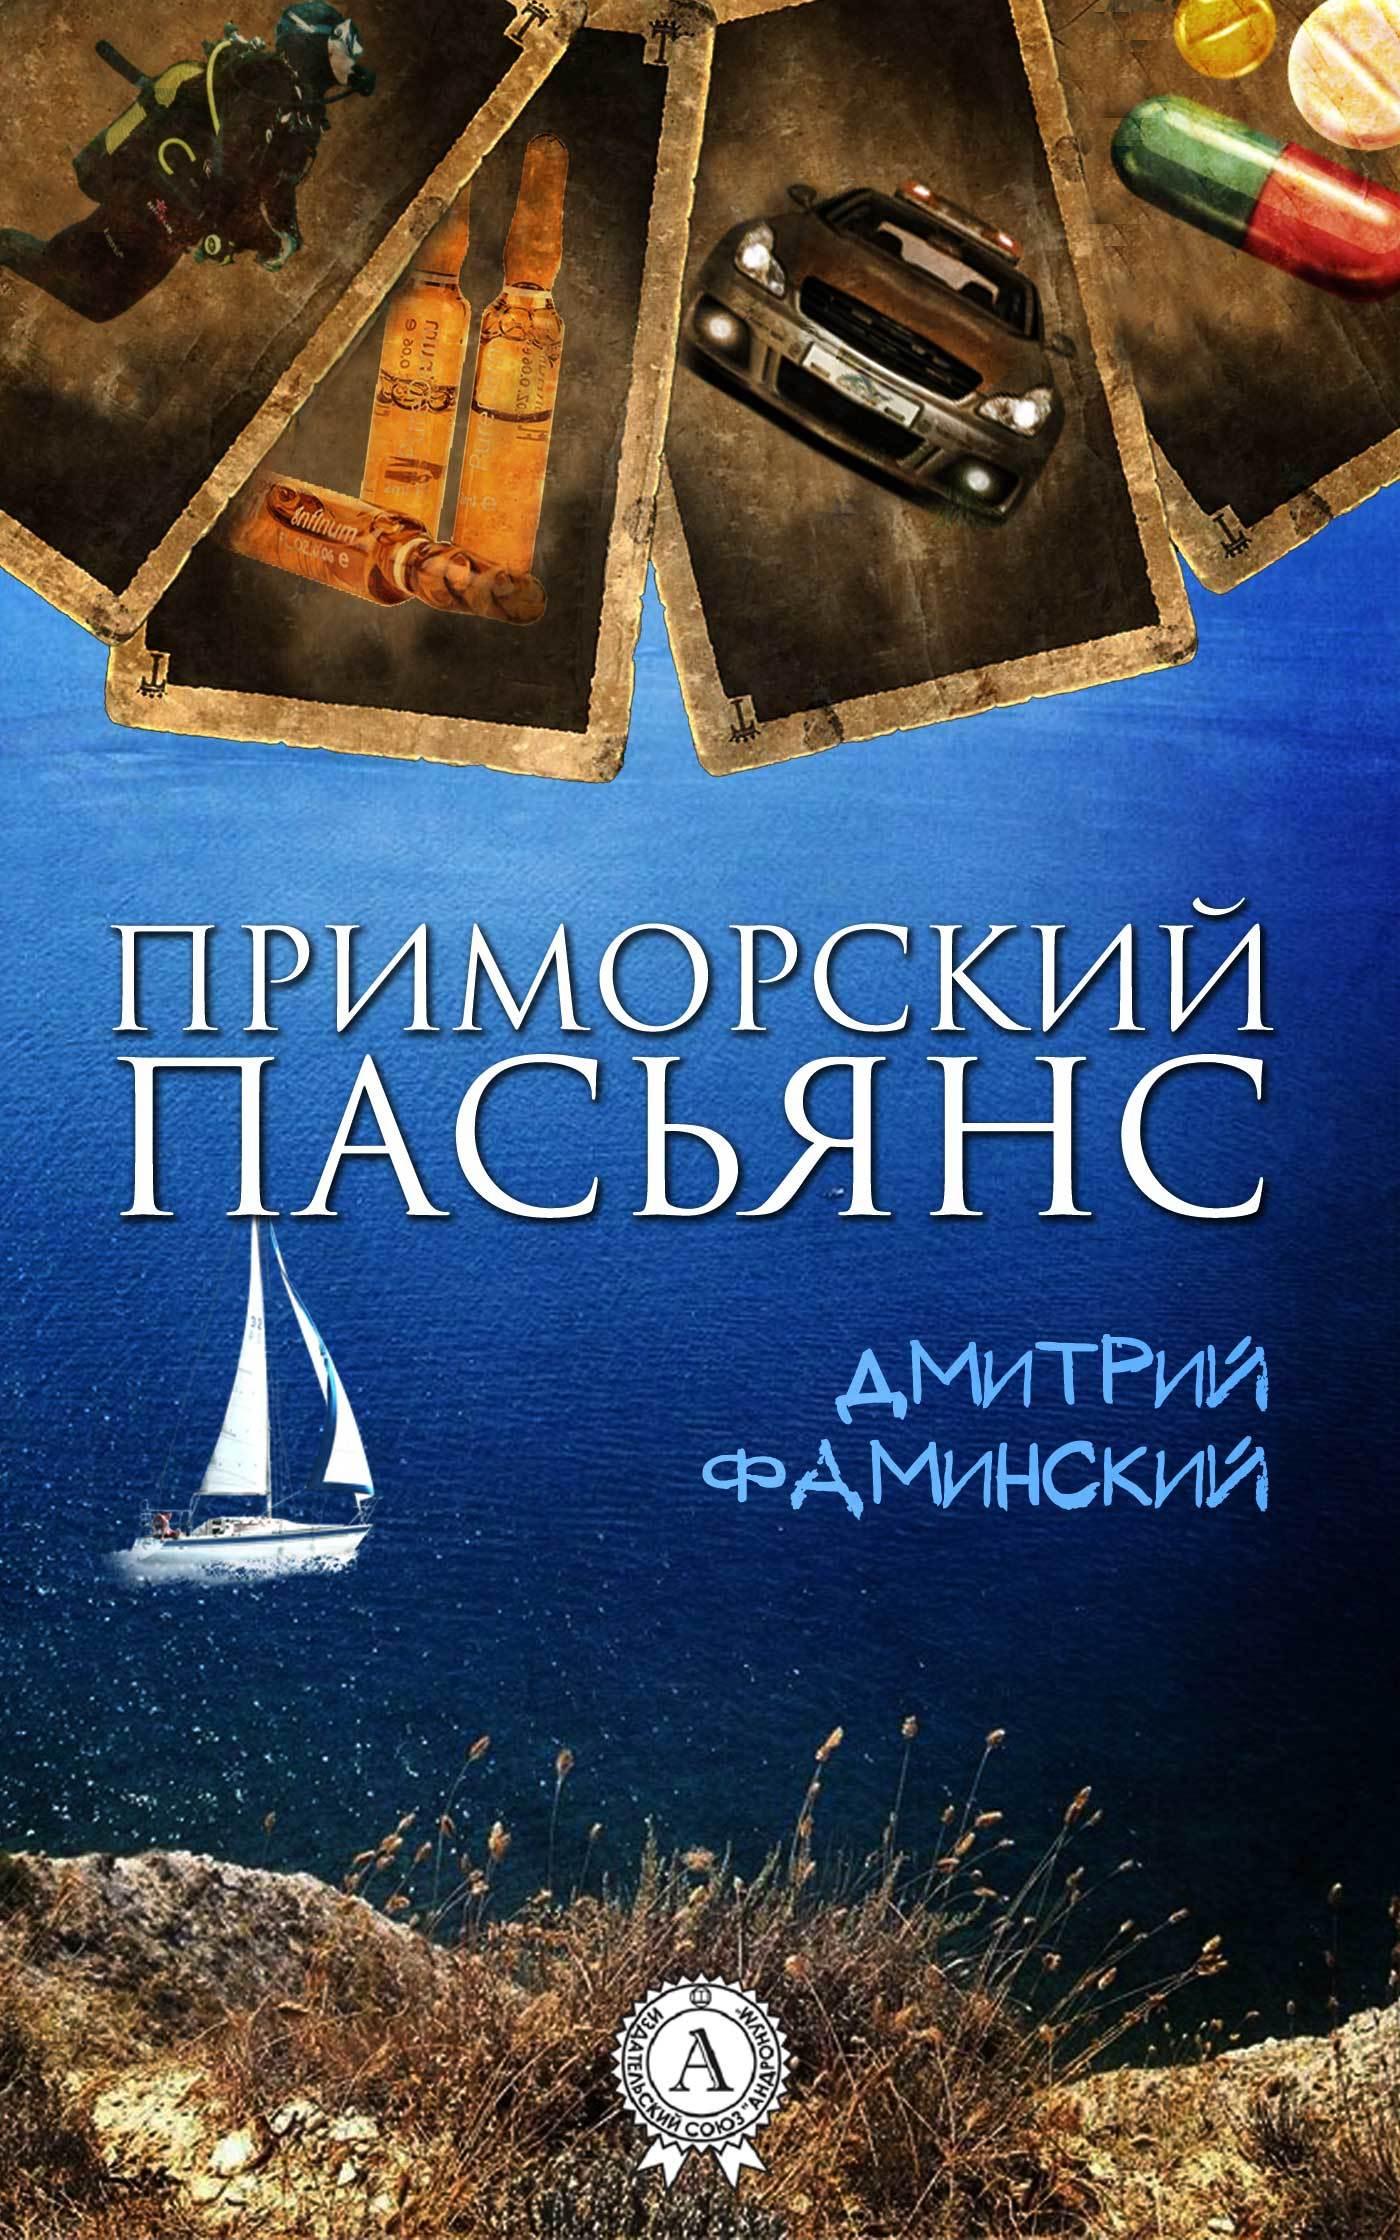 Дмитрий Фаминский Приморский пасьянс дмитрий фаминский торговцы впечатлениями